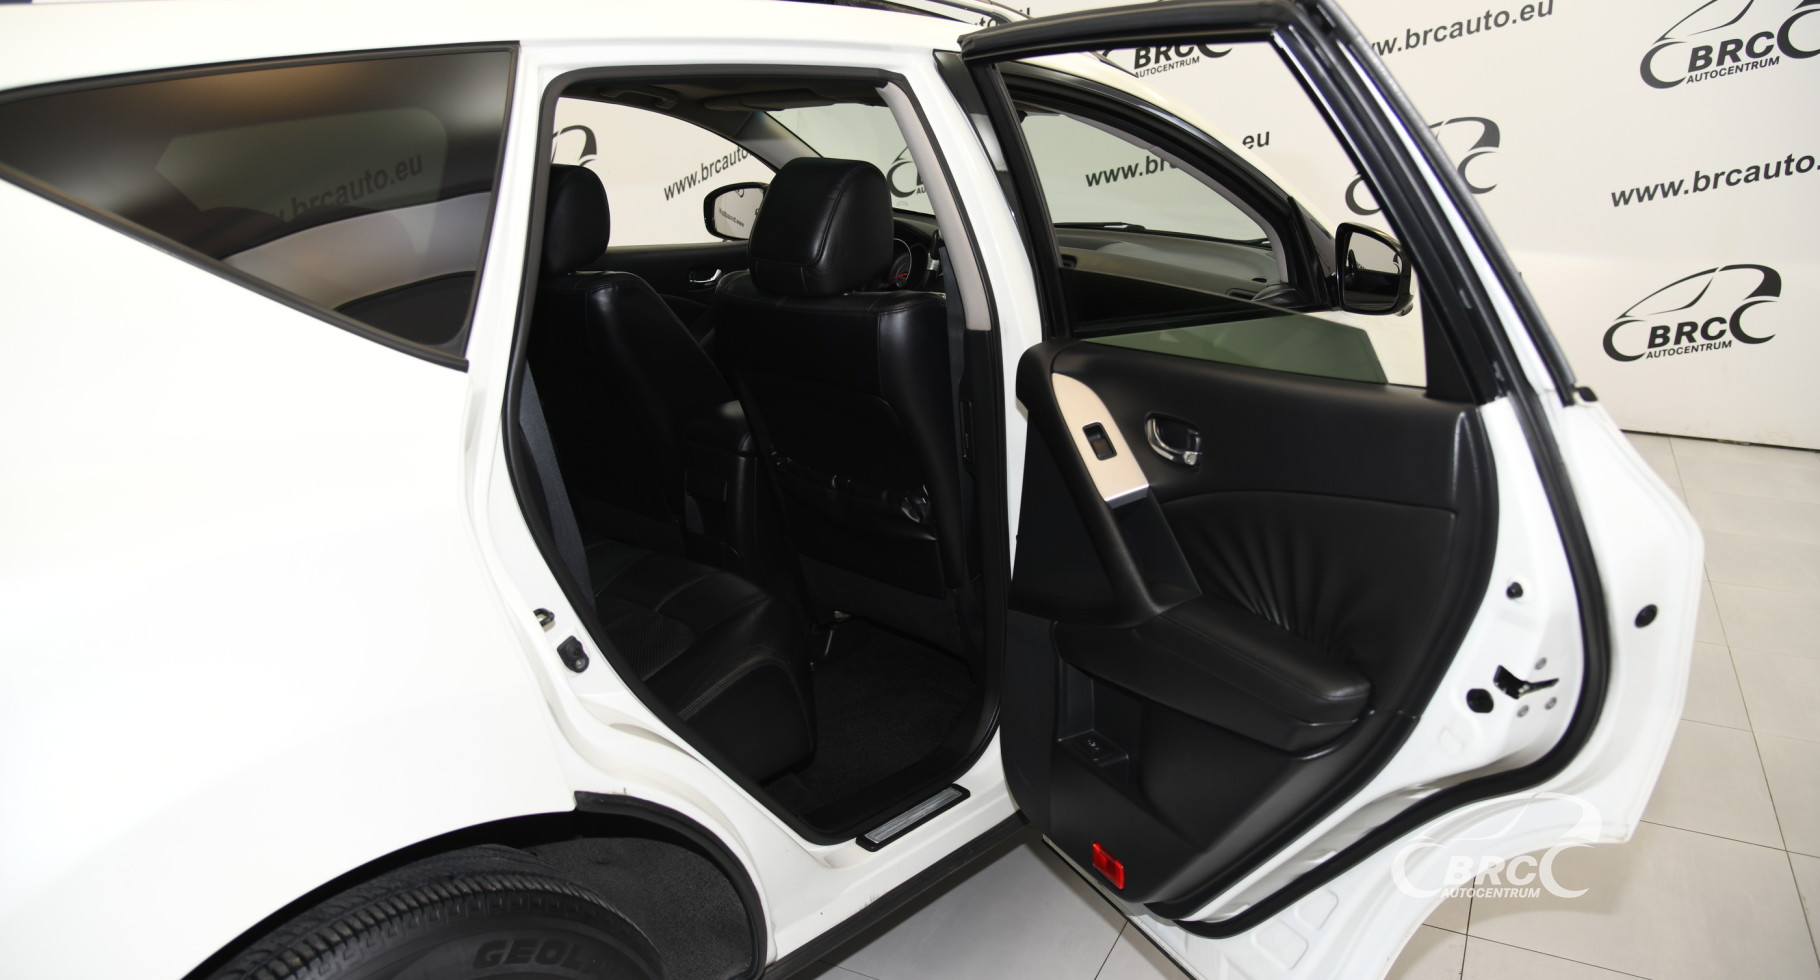 Nissan Murano 3.5 V6 4WD Automatas !!! GREIČIŲ DĖŽĖS DEFEKTAS!!!